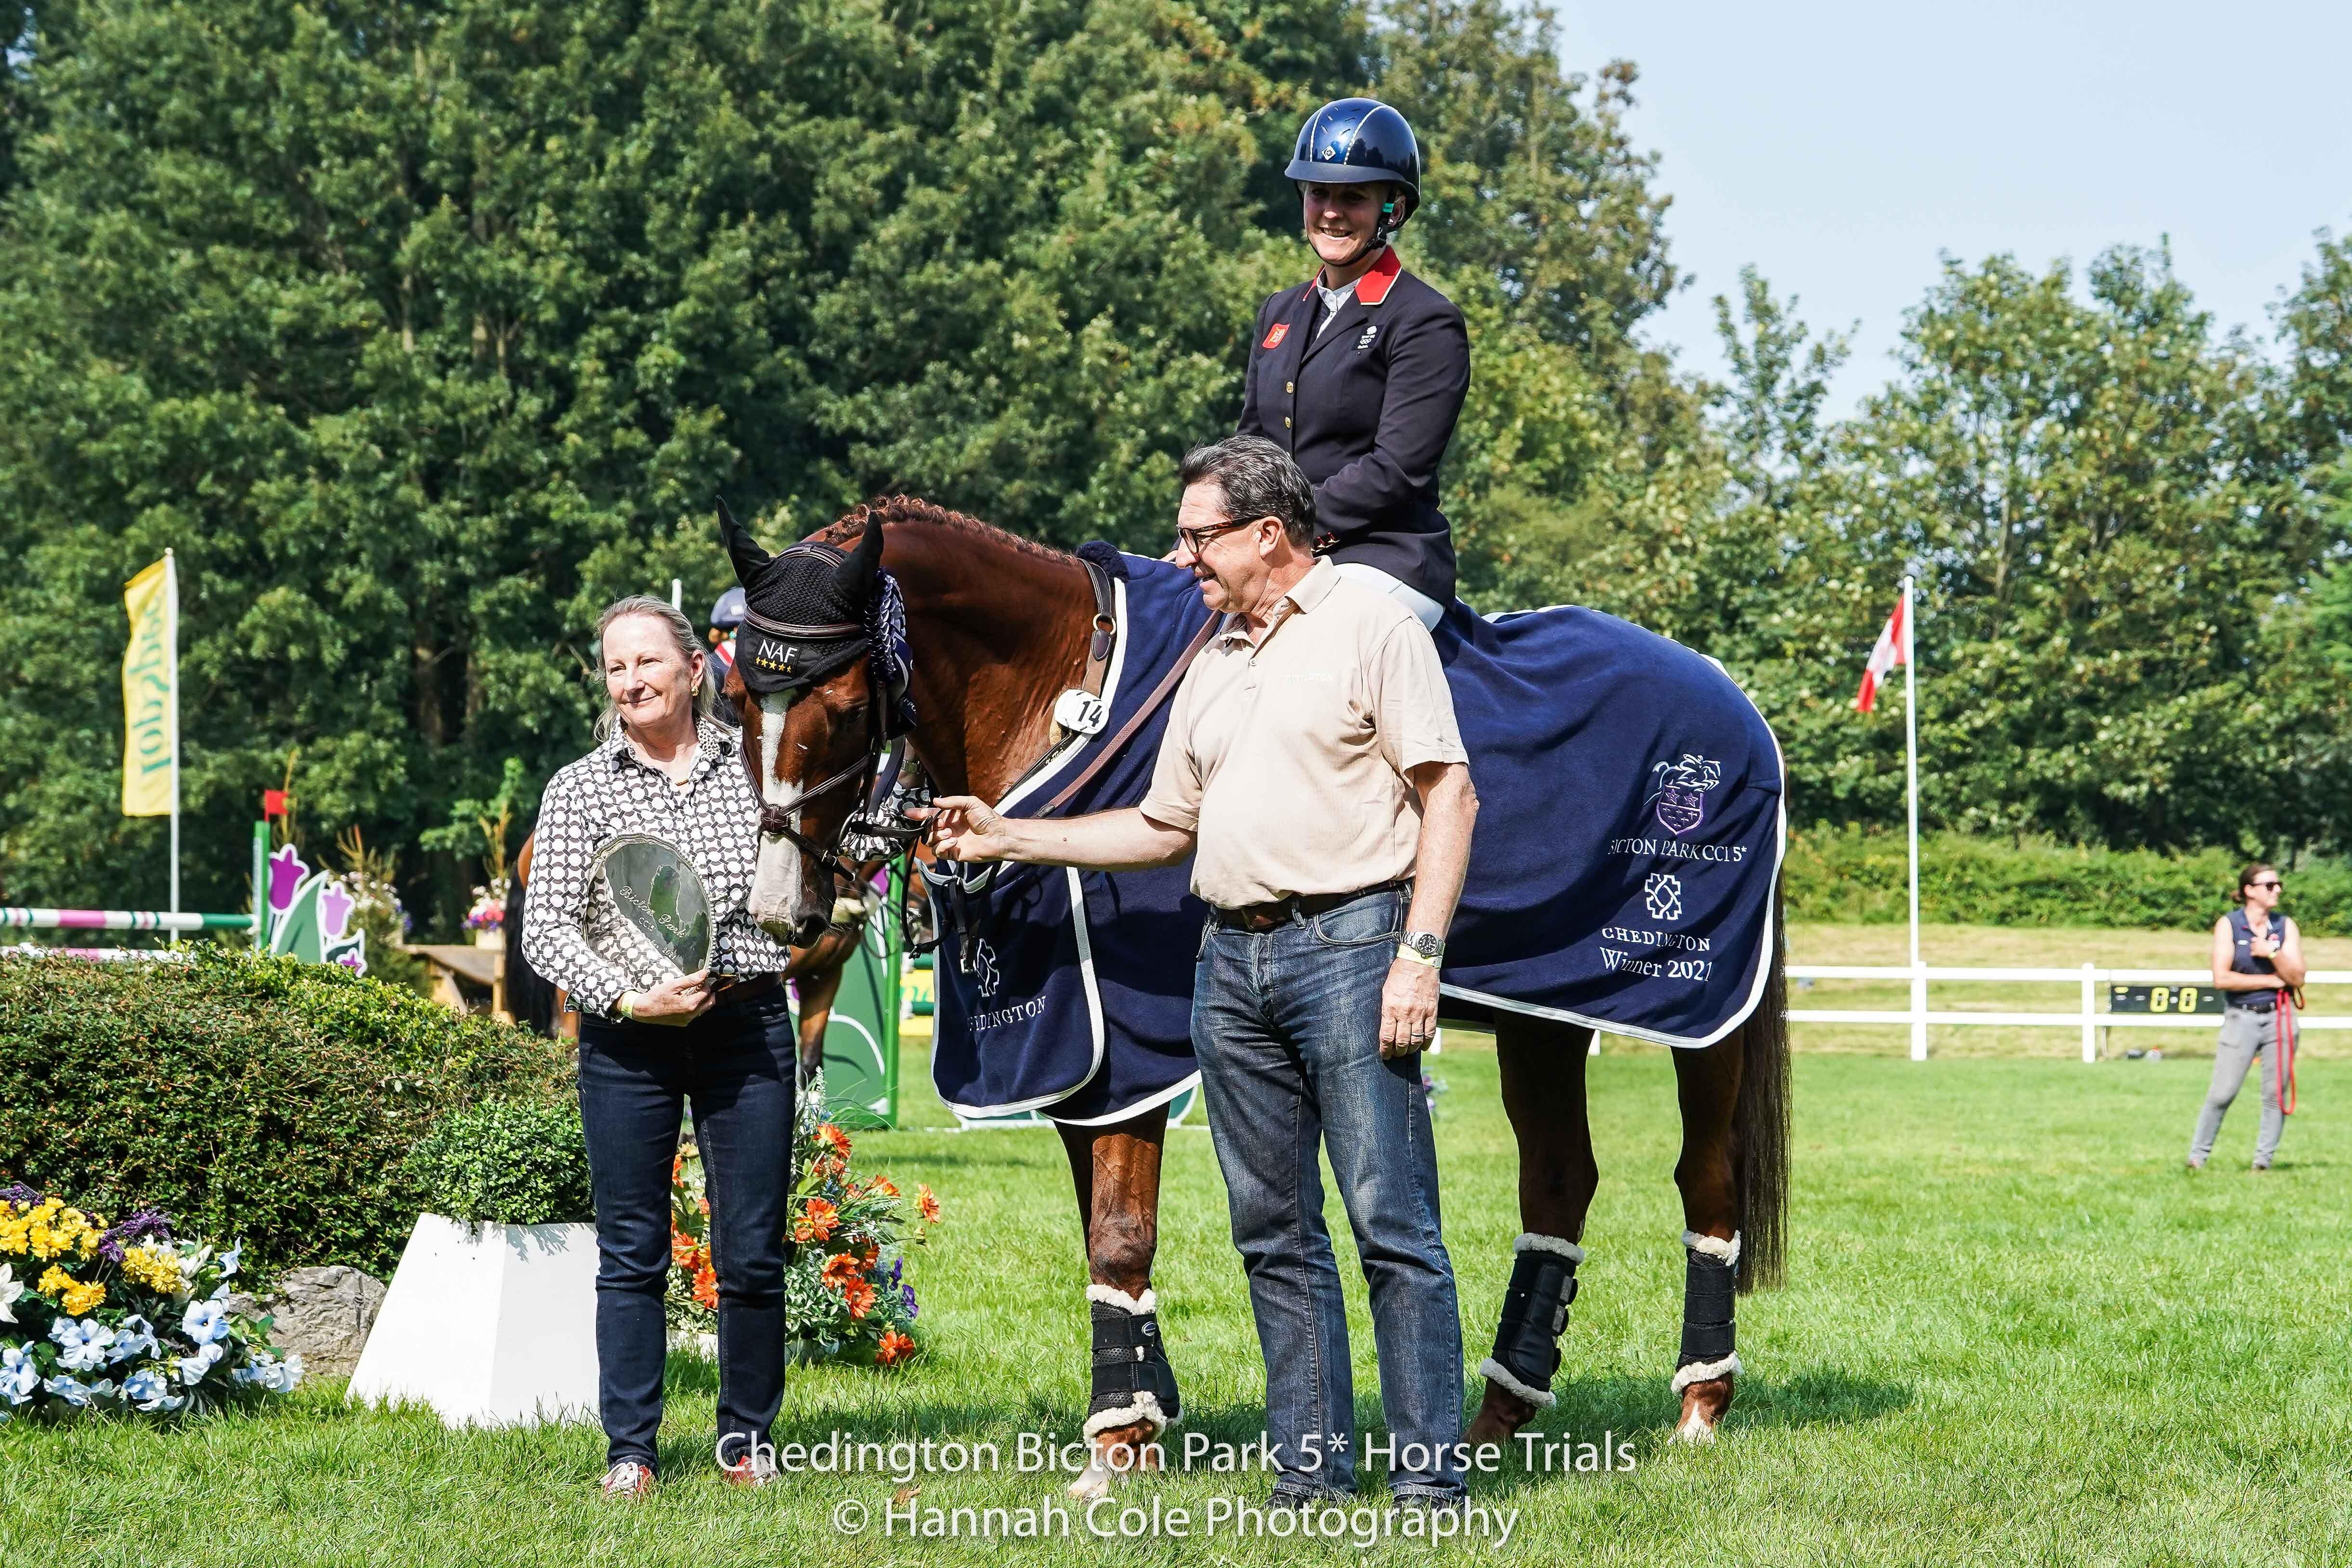 2d4b4e68 d7f5 675f fbf9 3b899c9e42ae - Chedington Bicton Park 5* Horse Trials